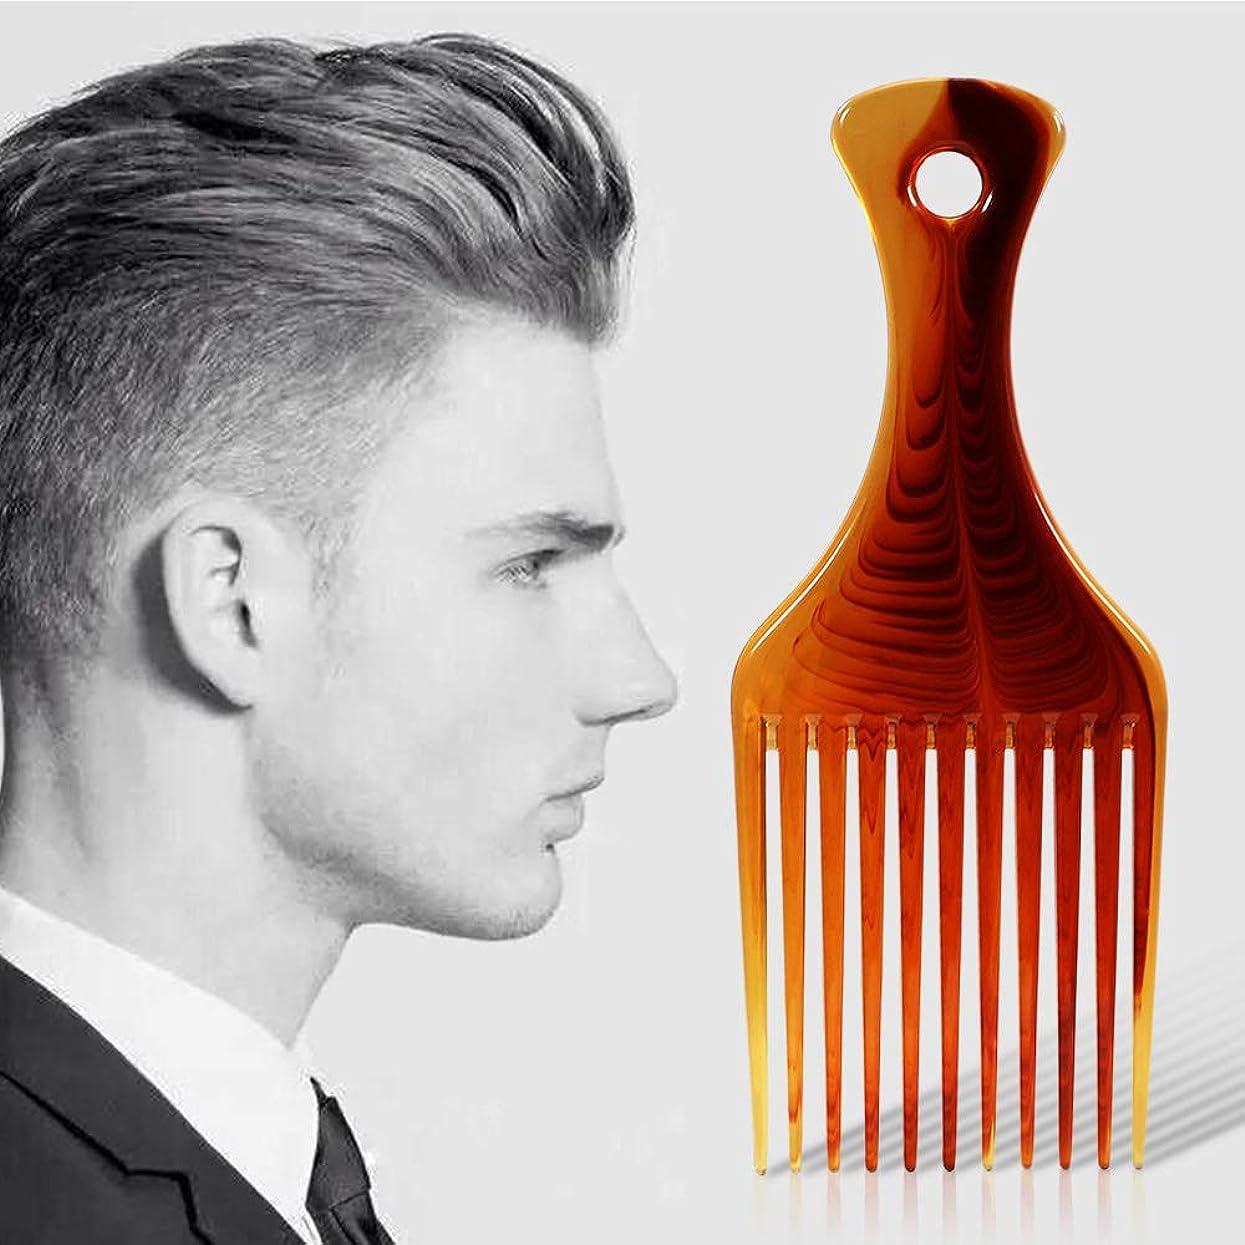 腰ドア担保ヘアブラシプラスチックヘアカラーコームズ琥珀色の滑らかなヘアピックコーム理髪スタイリングツール持ち上がるデタングルヘアコーム